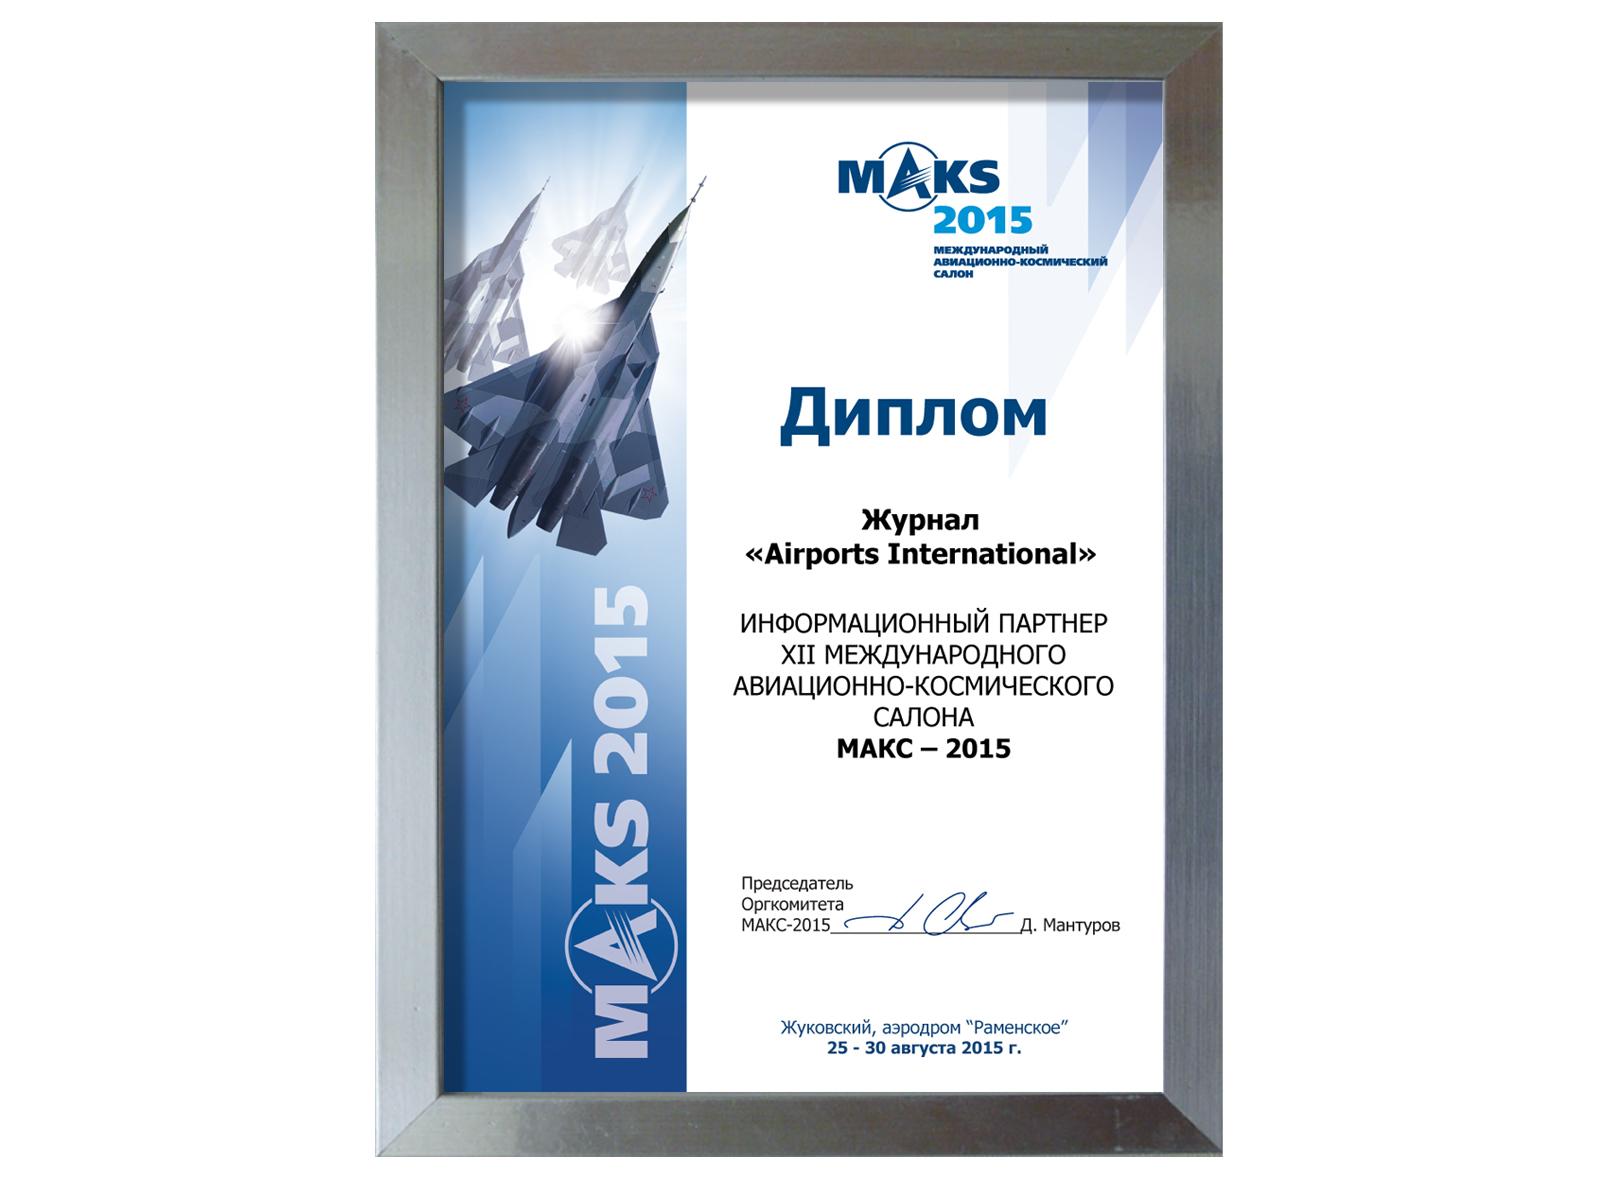 Диплом Авиасалон MAKS 2015